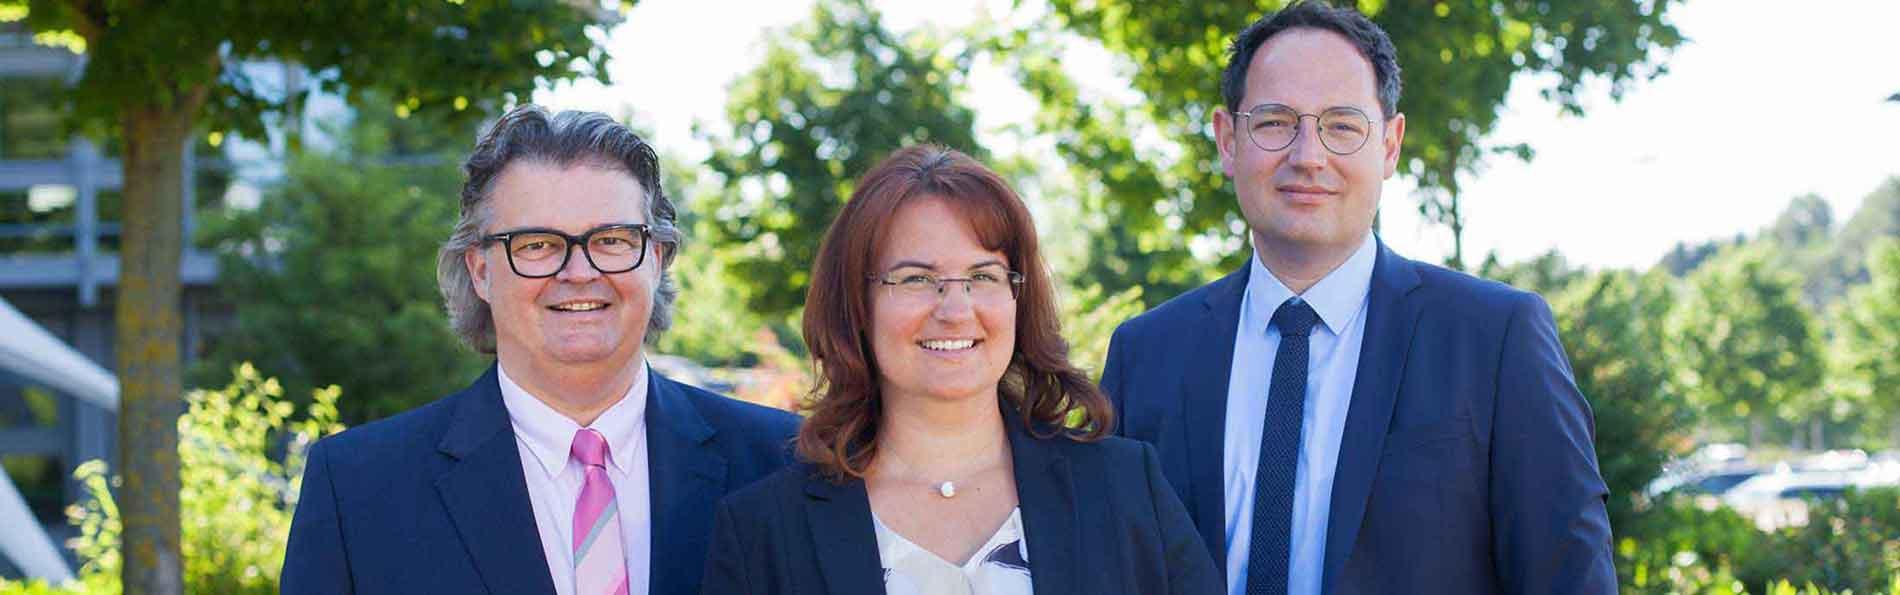 Anwaltsbüro Quirmbach & Partner, Schadensersatz nach Unfällen und Behandlungsfehlern